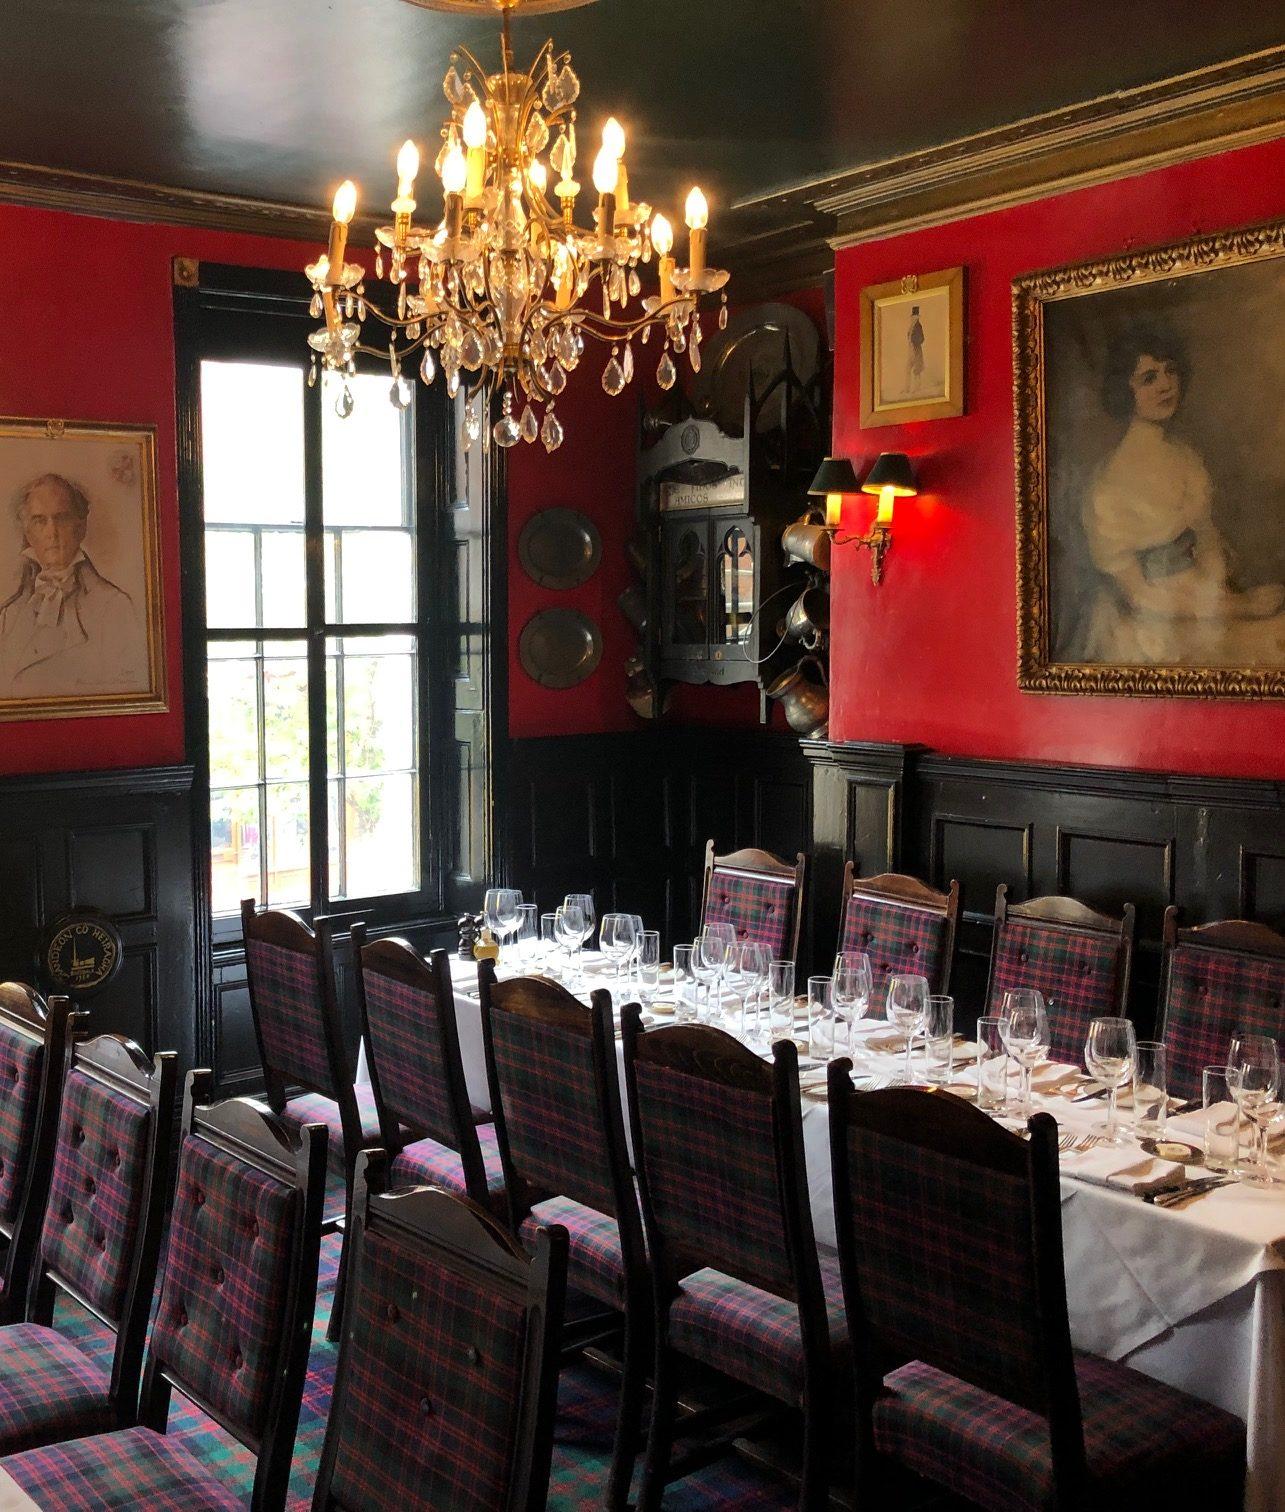 boisdale, Luxury PR, Corporate PR, Fine Dining